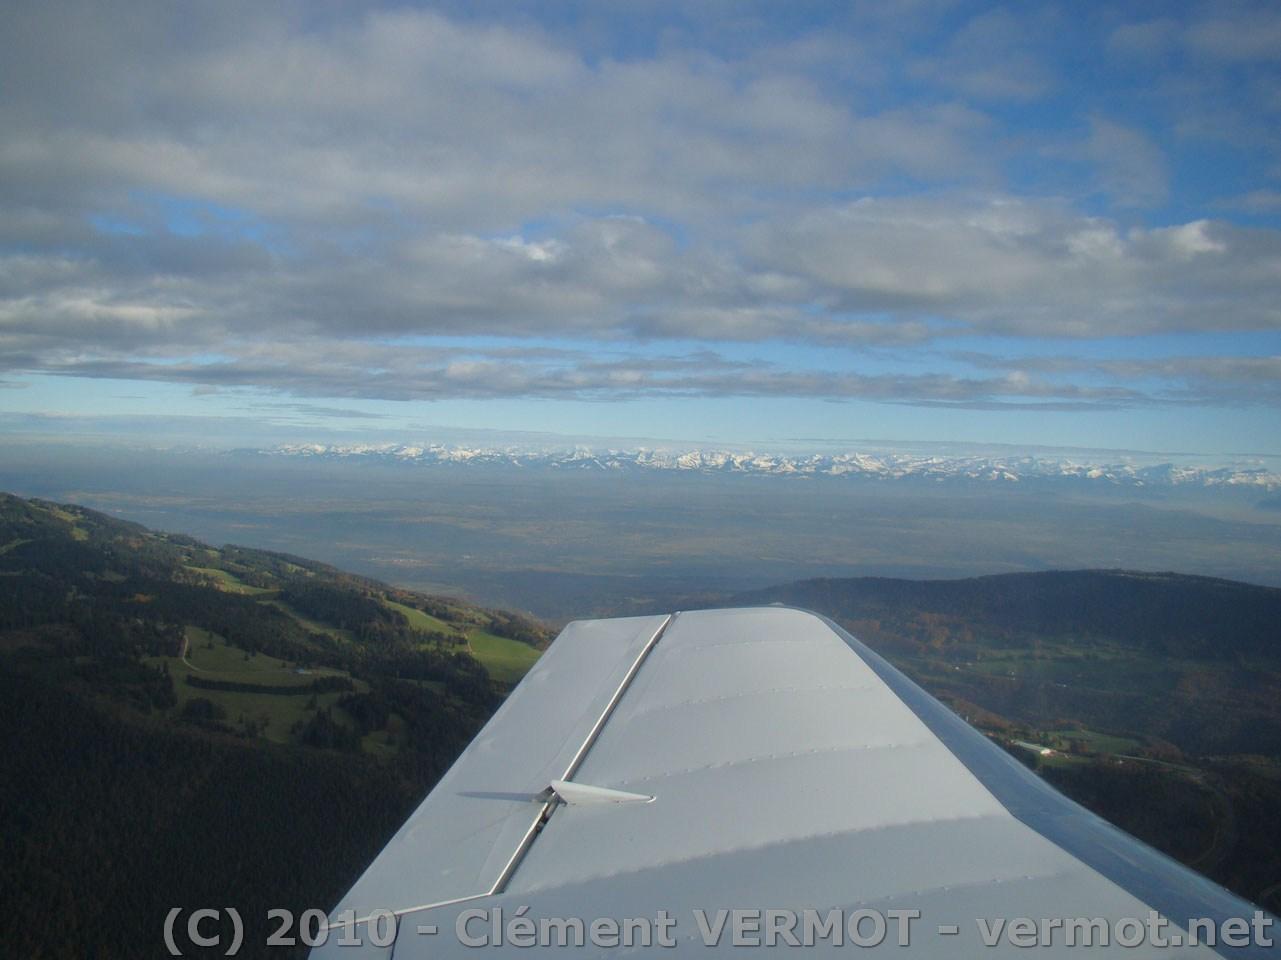 La plaine suisse sur fond des Alpes